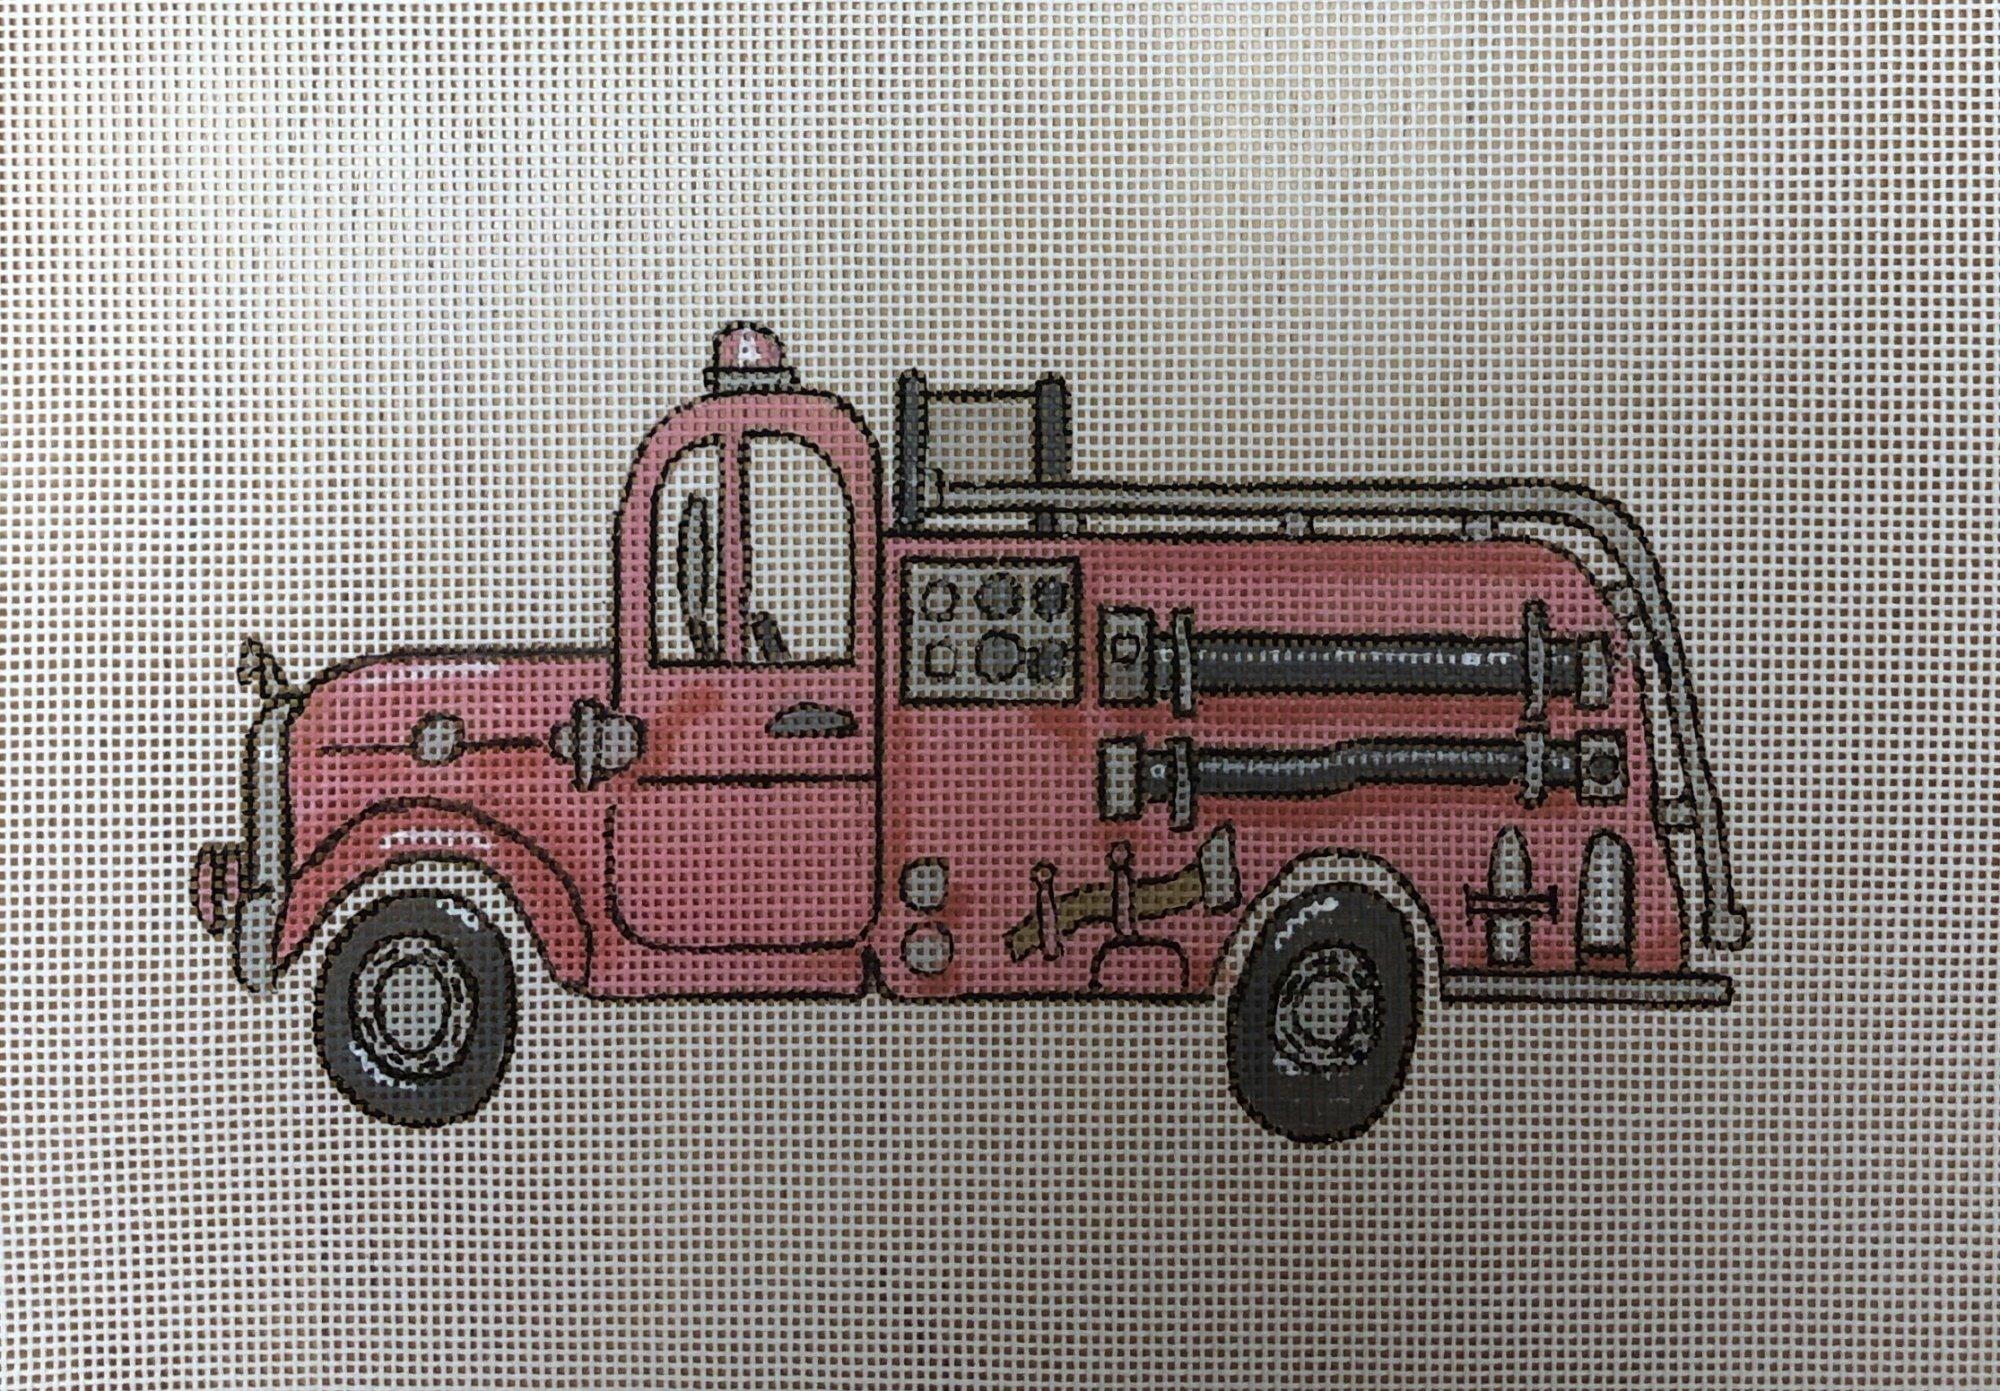 firetruck w alphabet